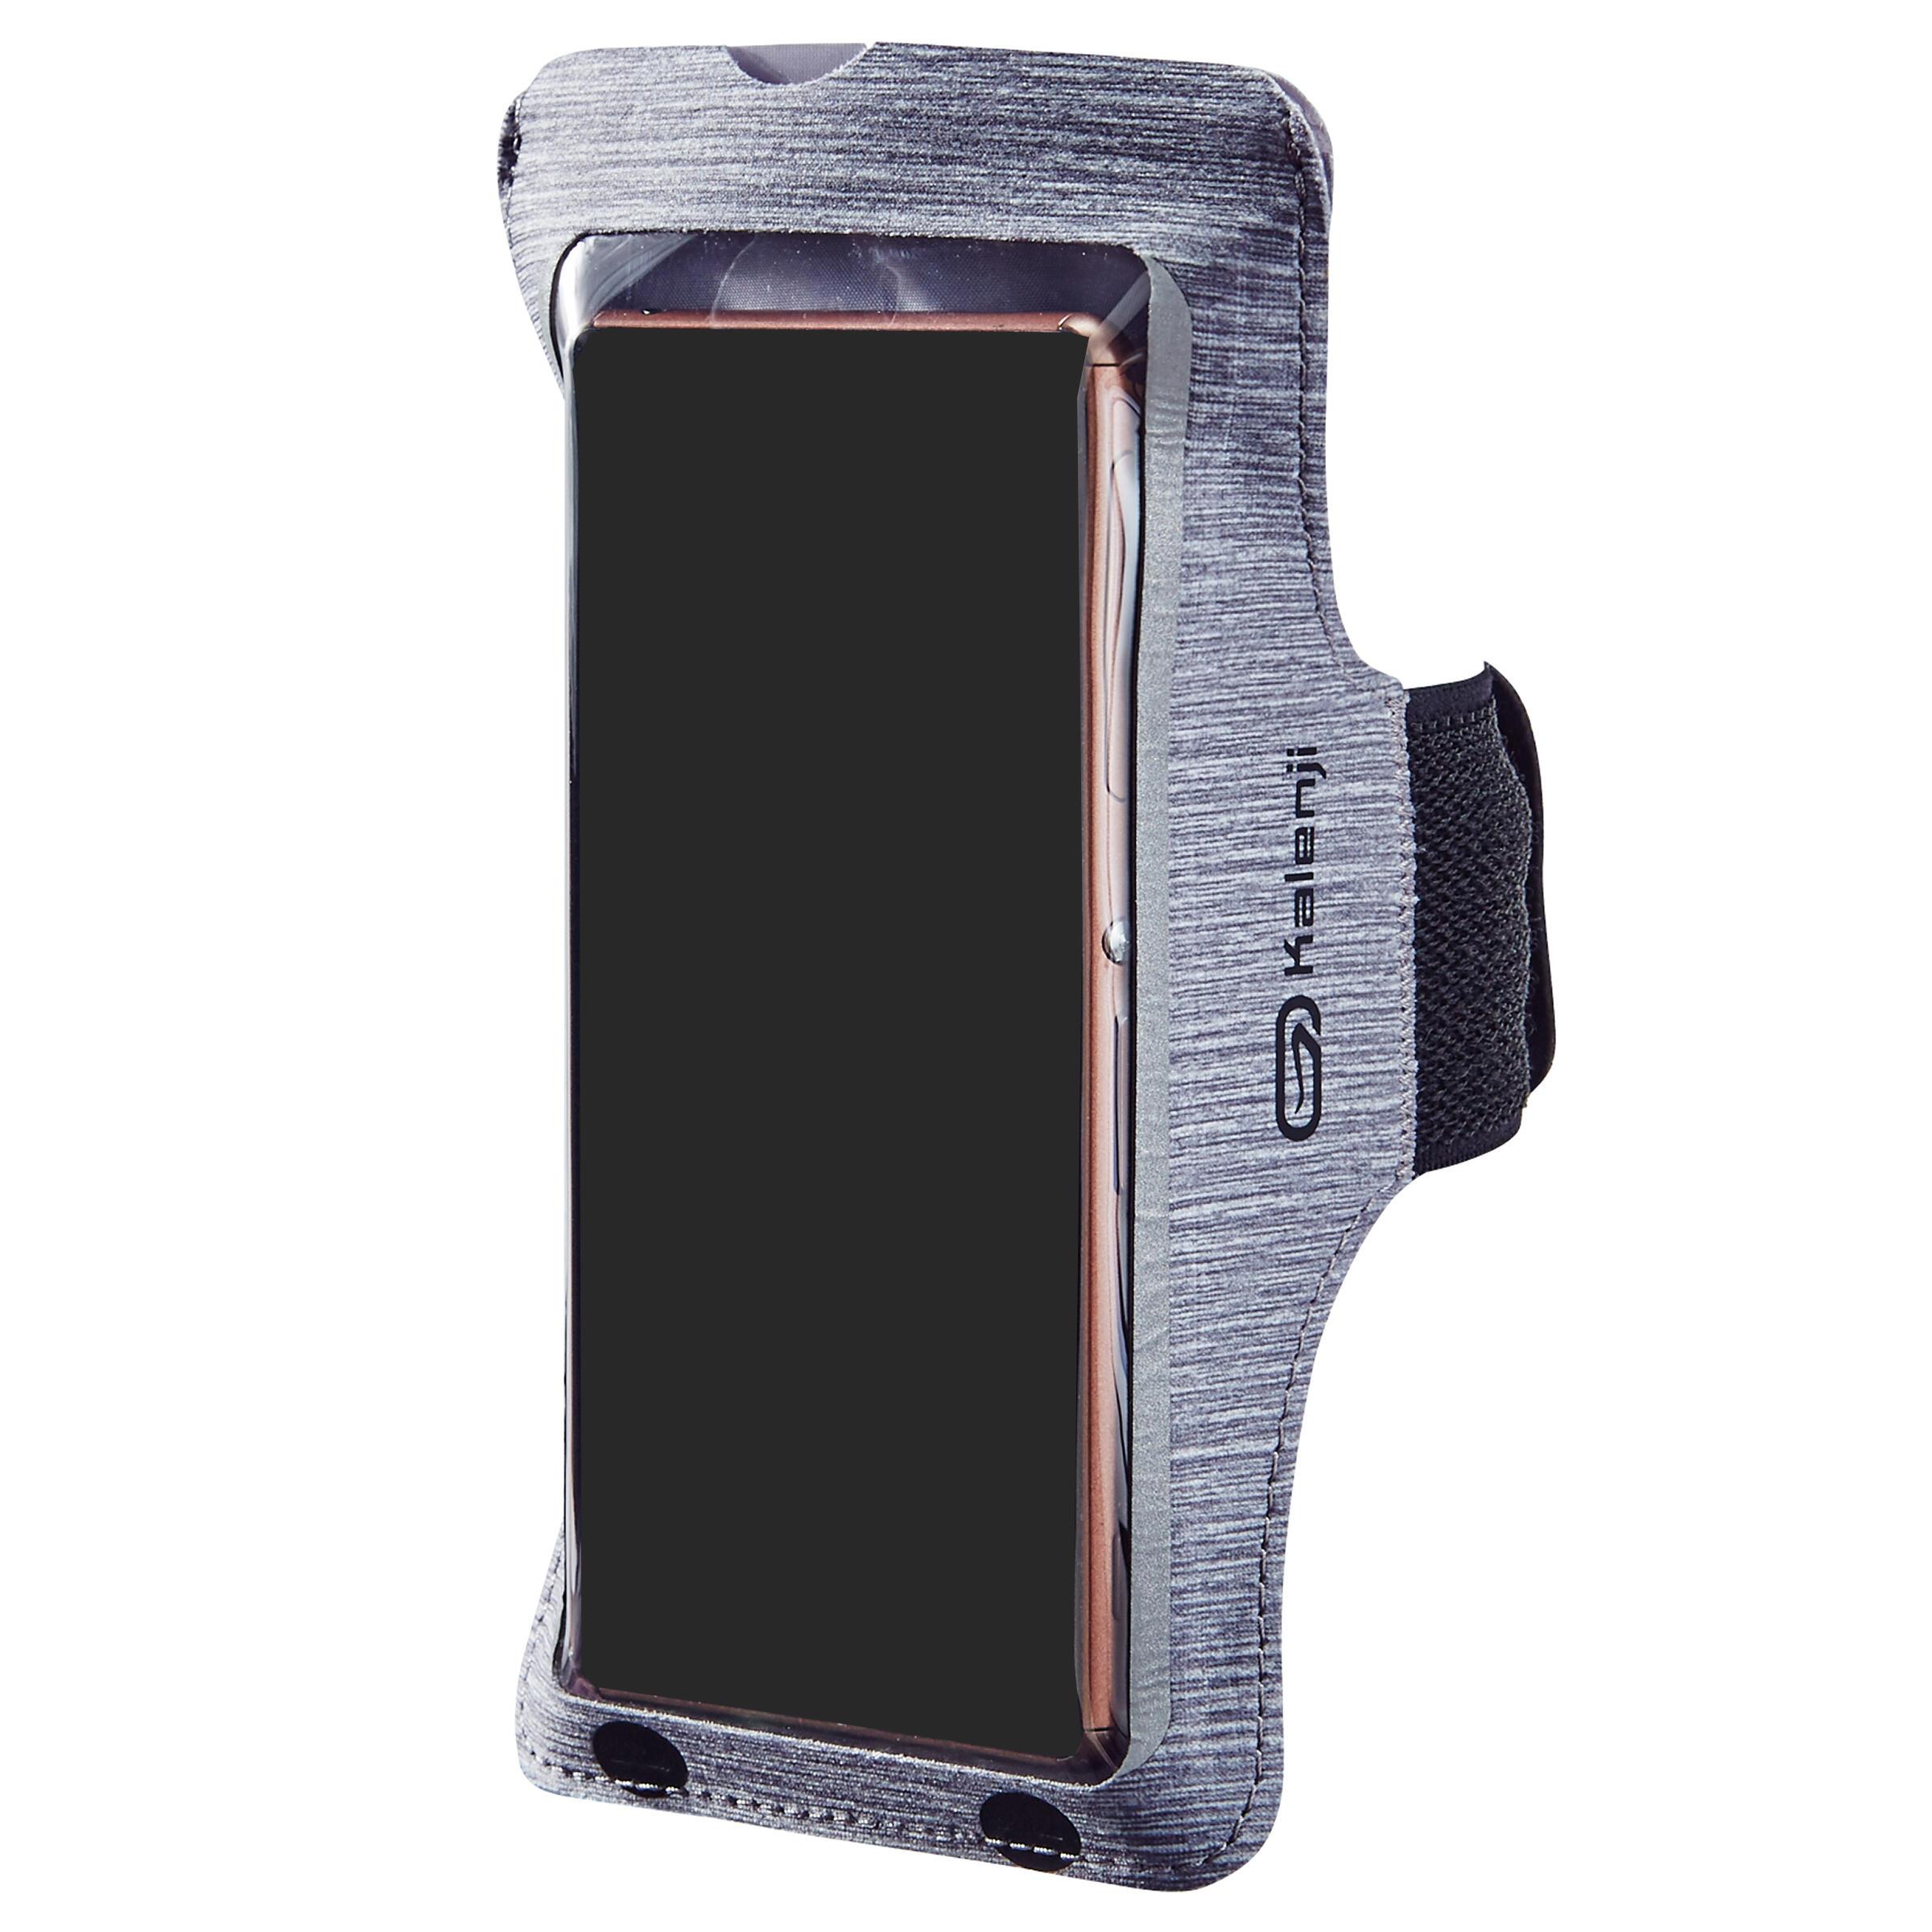 Kalenji Sportarmband voor grote smartphone, voor hardlopen, grijs kopen? Sport accessoires met voordeel vind je hier